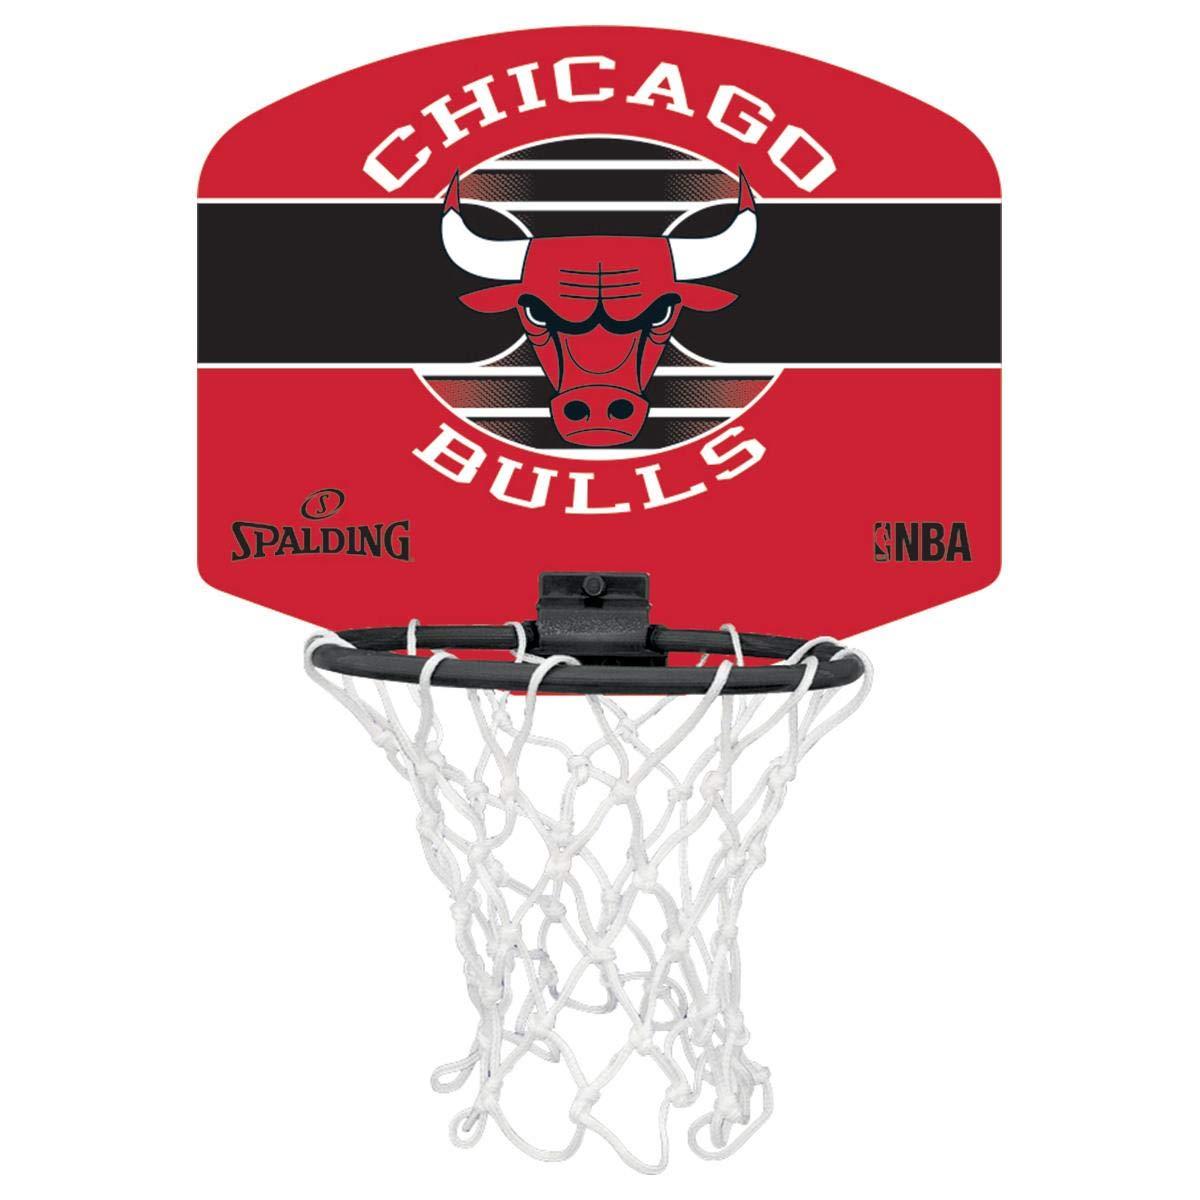 Spalding NBA Team - Backboard Bulls: Amazon.es: Deportes y aire libre